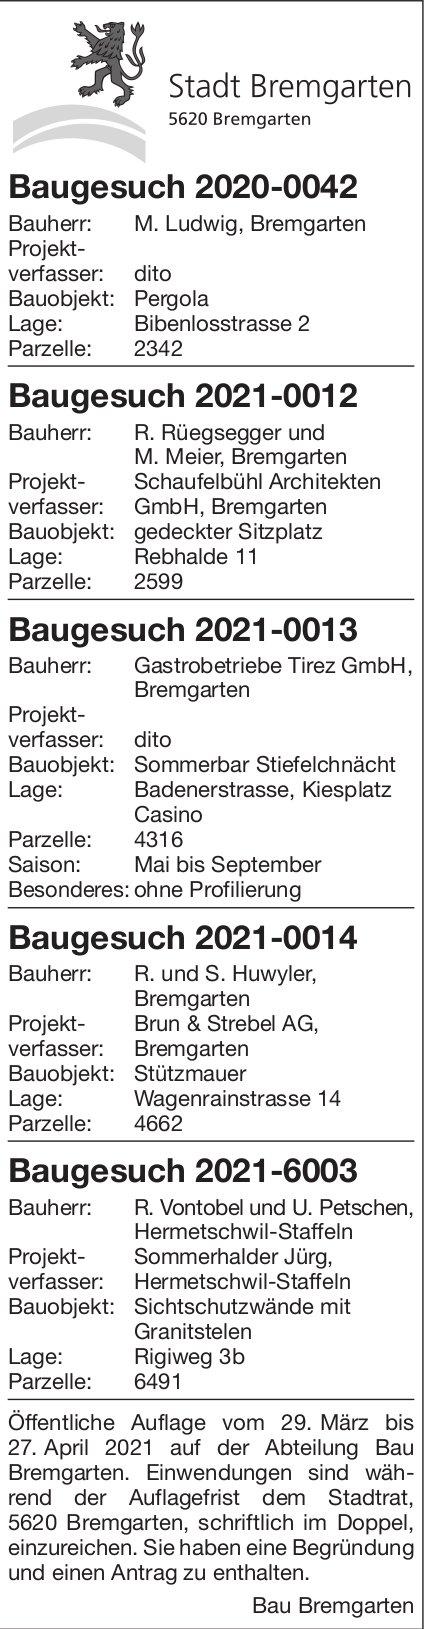 Stadt Bremgarten - Baugesuche